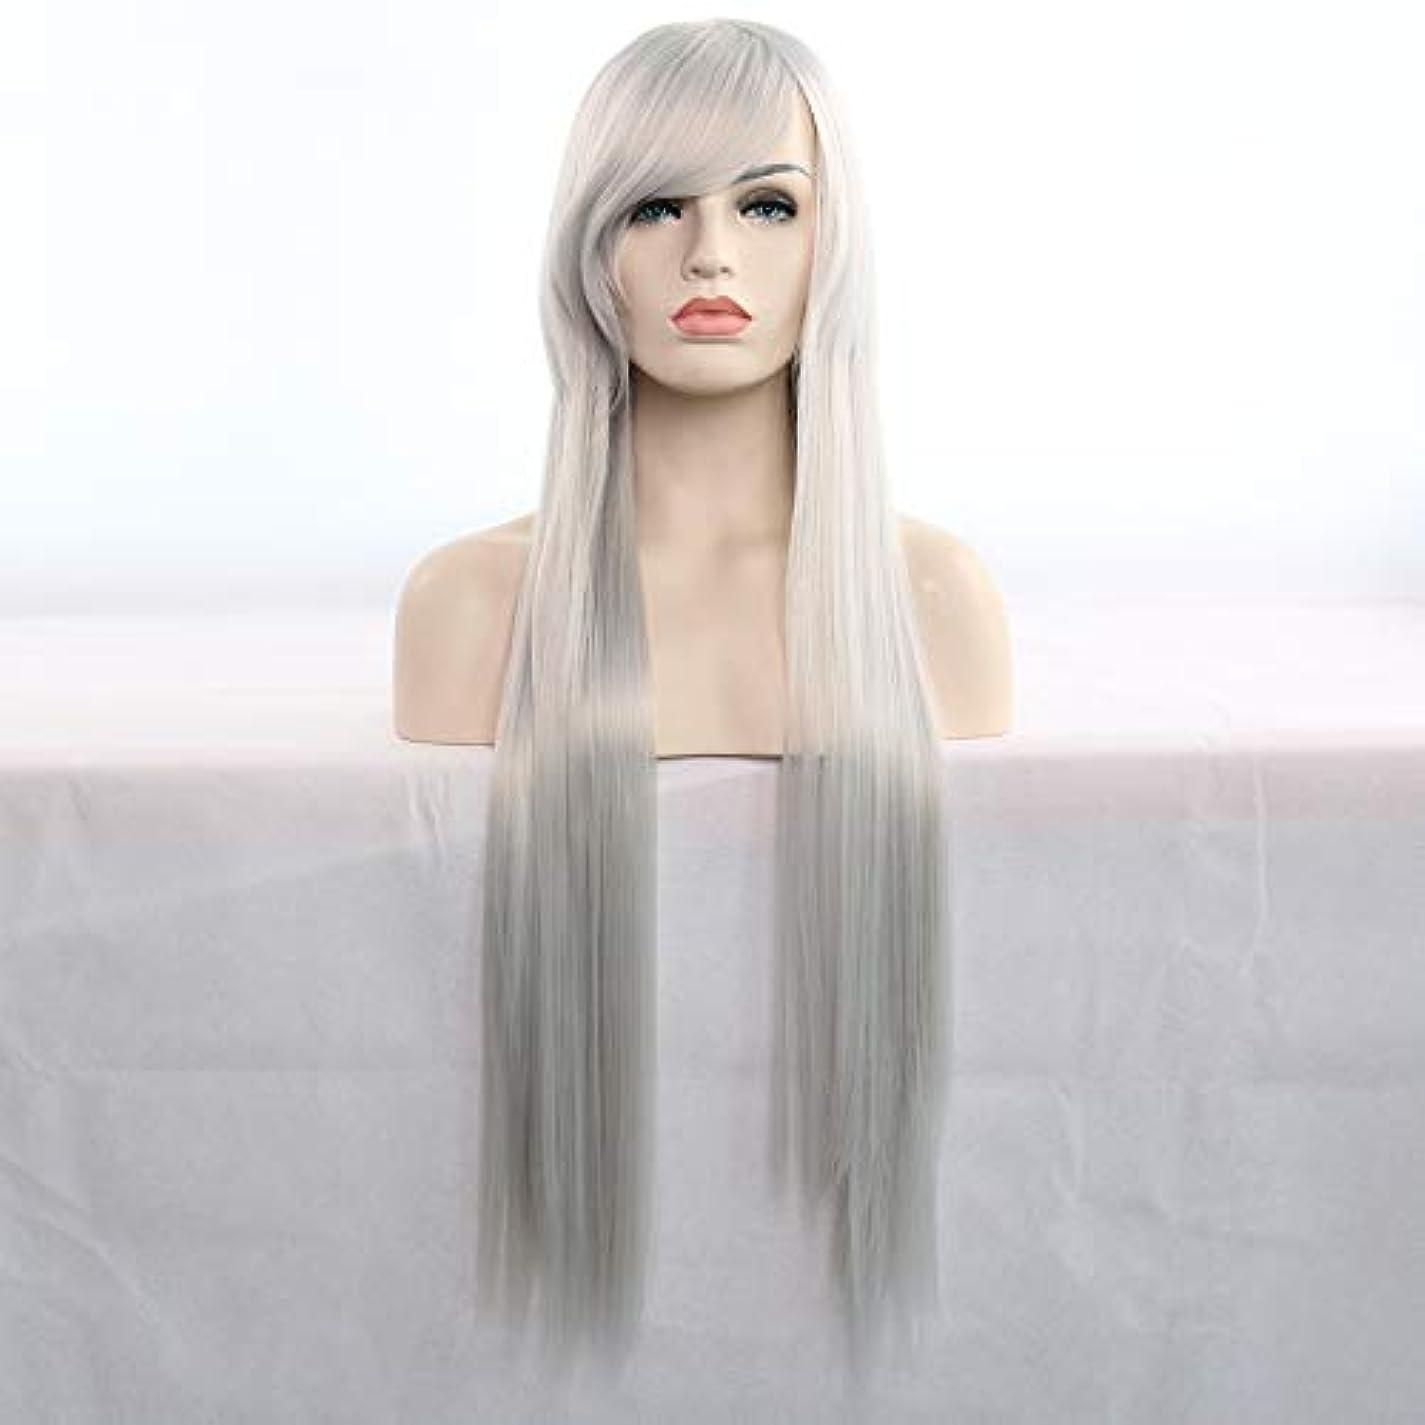 鎖心配するおじいちゃん女性のための前髪人工毛ウィッグ耐熱性繊維コスプレウィッグと30